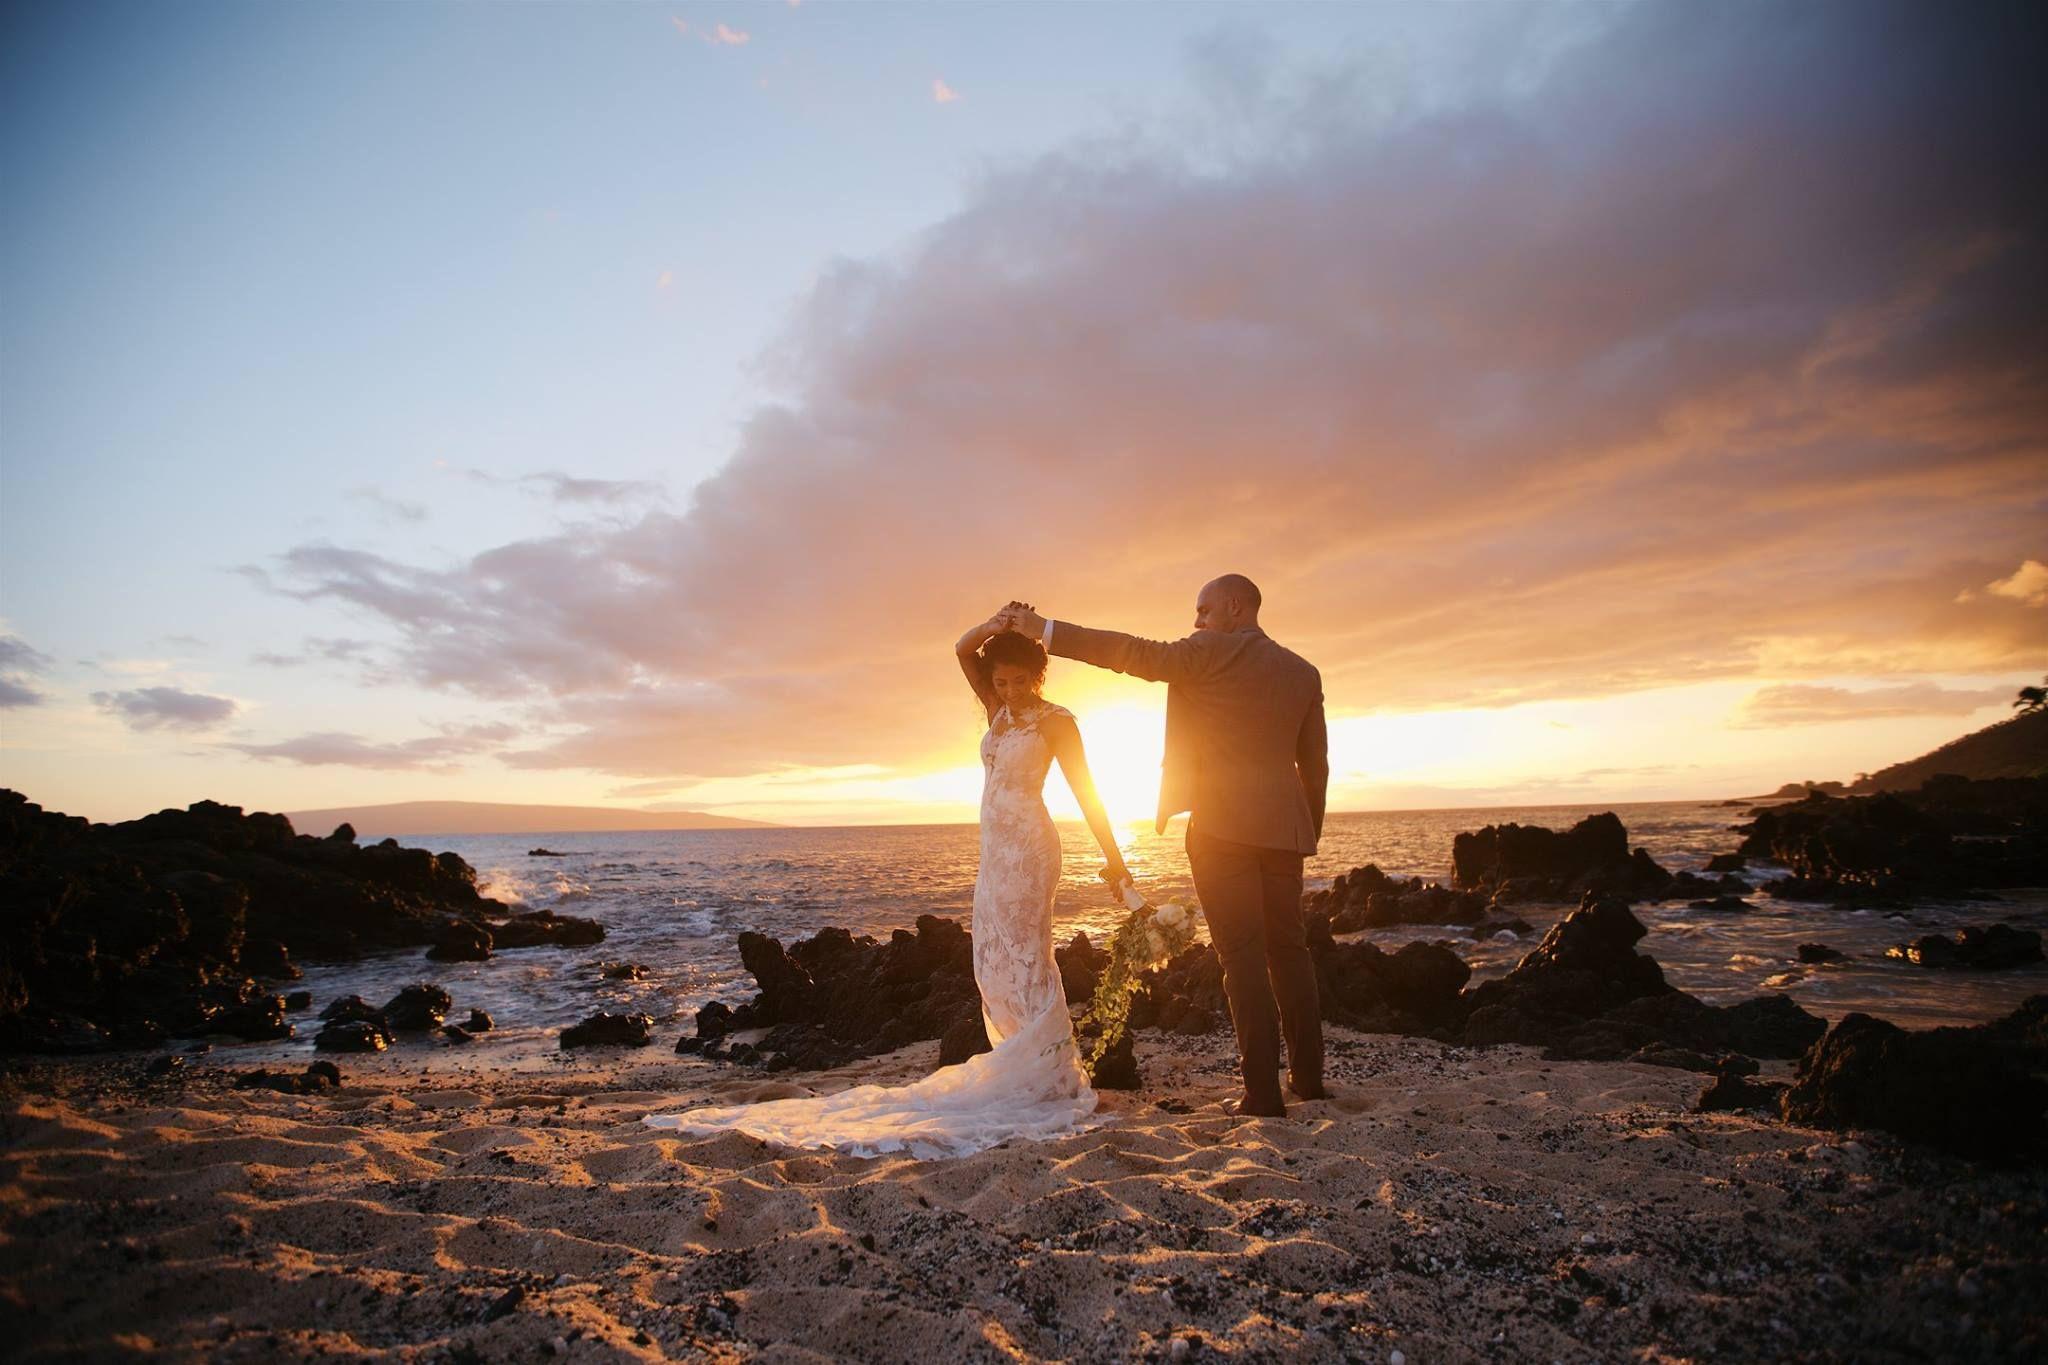 Sunrise beach wedding  Hawaii sunset and beach wedding beauty  bride and groom  Anna Kim